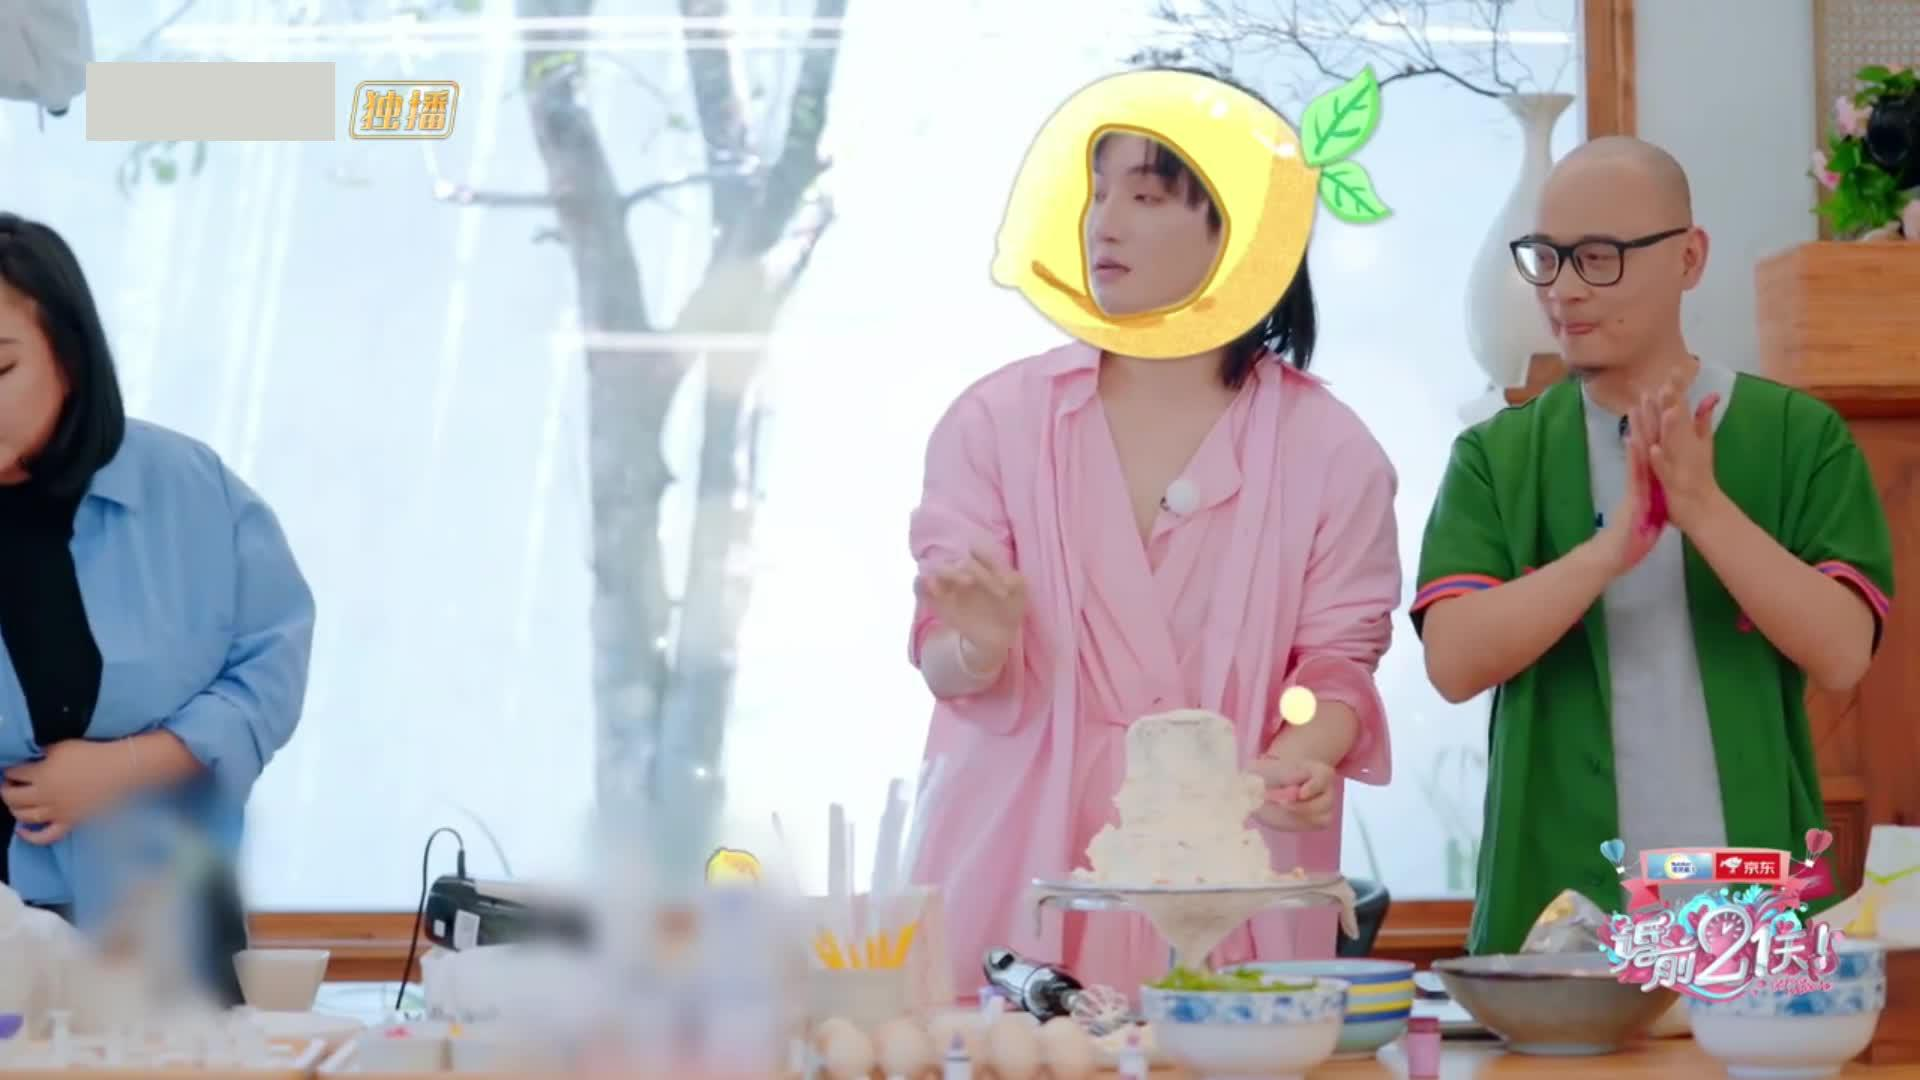 肖骁老刘合作创意婚礼蛋糕感动傅首尔范湉湉 解读婚姻中的不完美